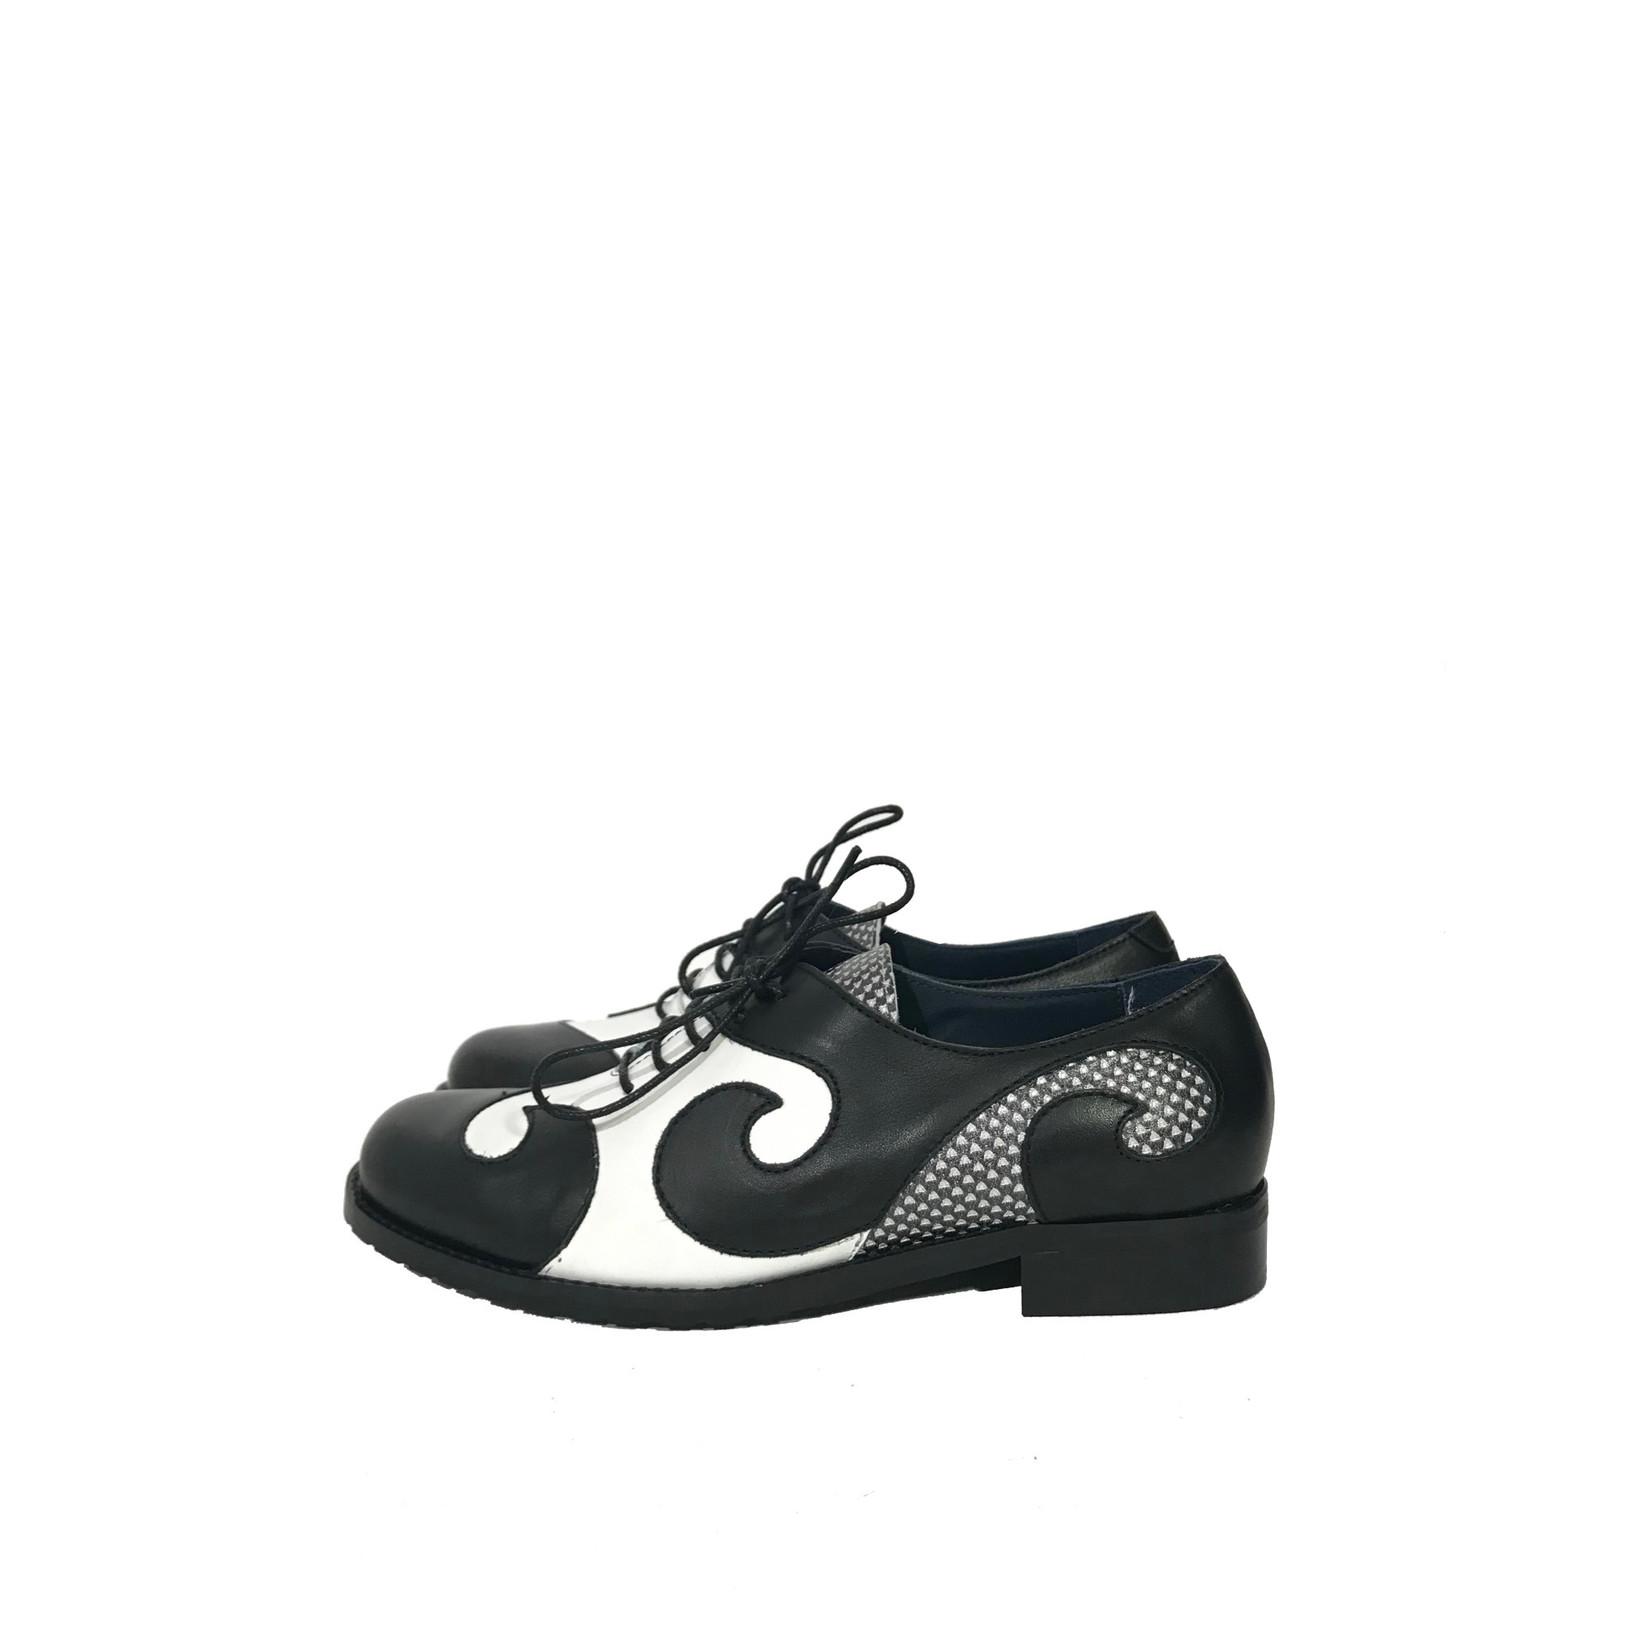 Veterschoenen zwart/wit